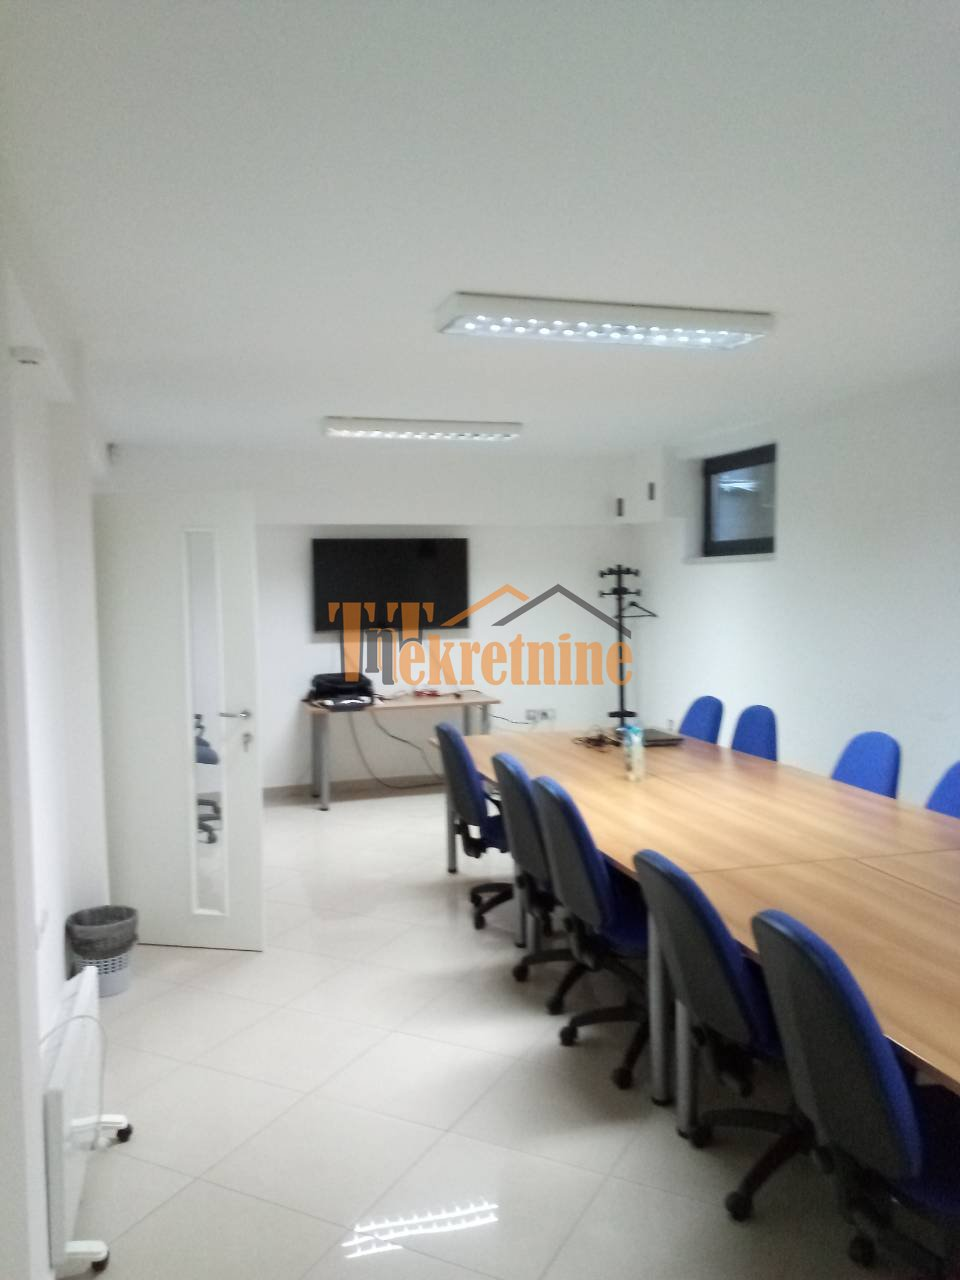 Poslovni prostor 235 m2 – Borik